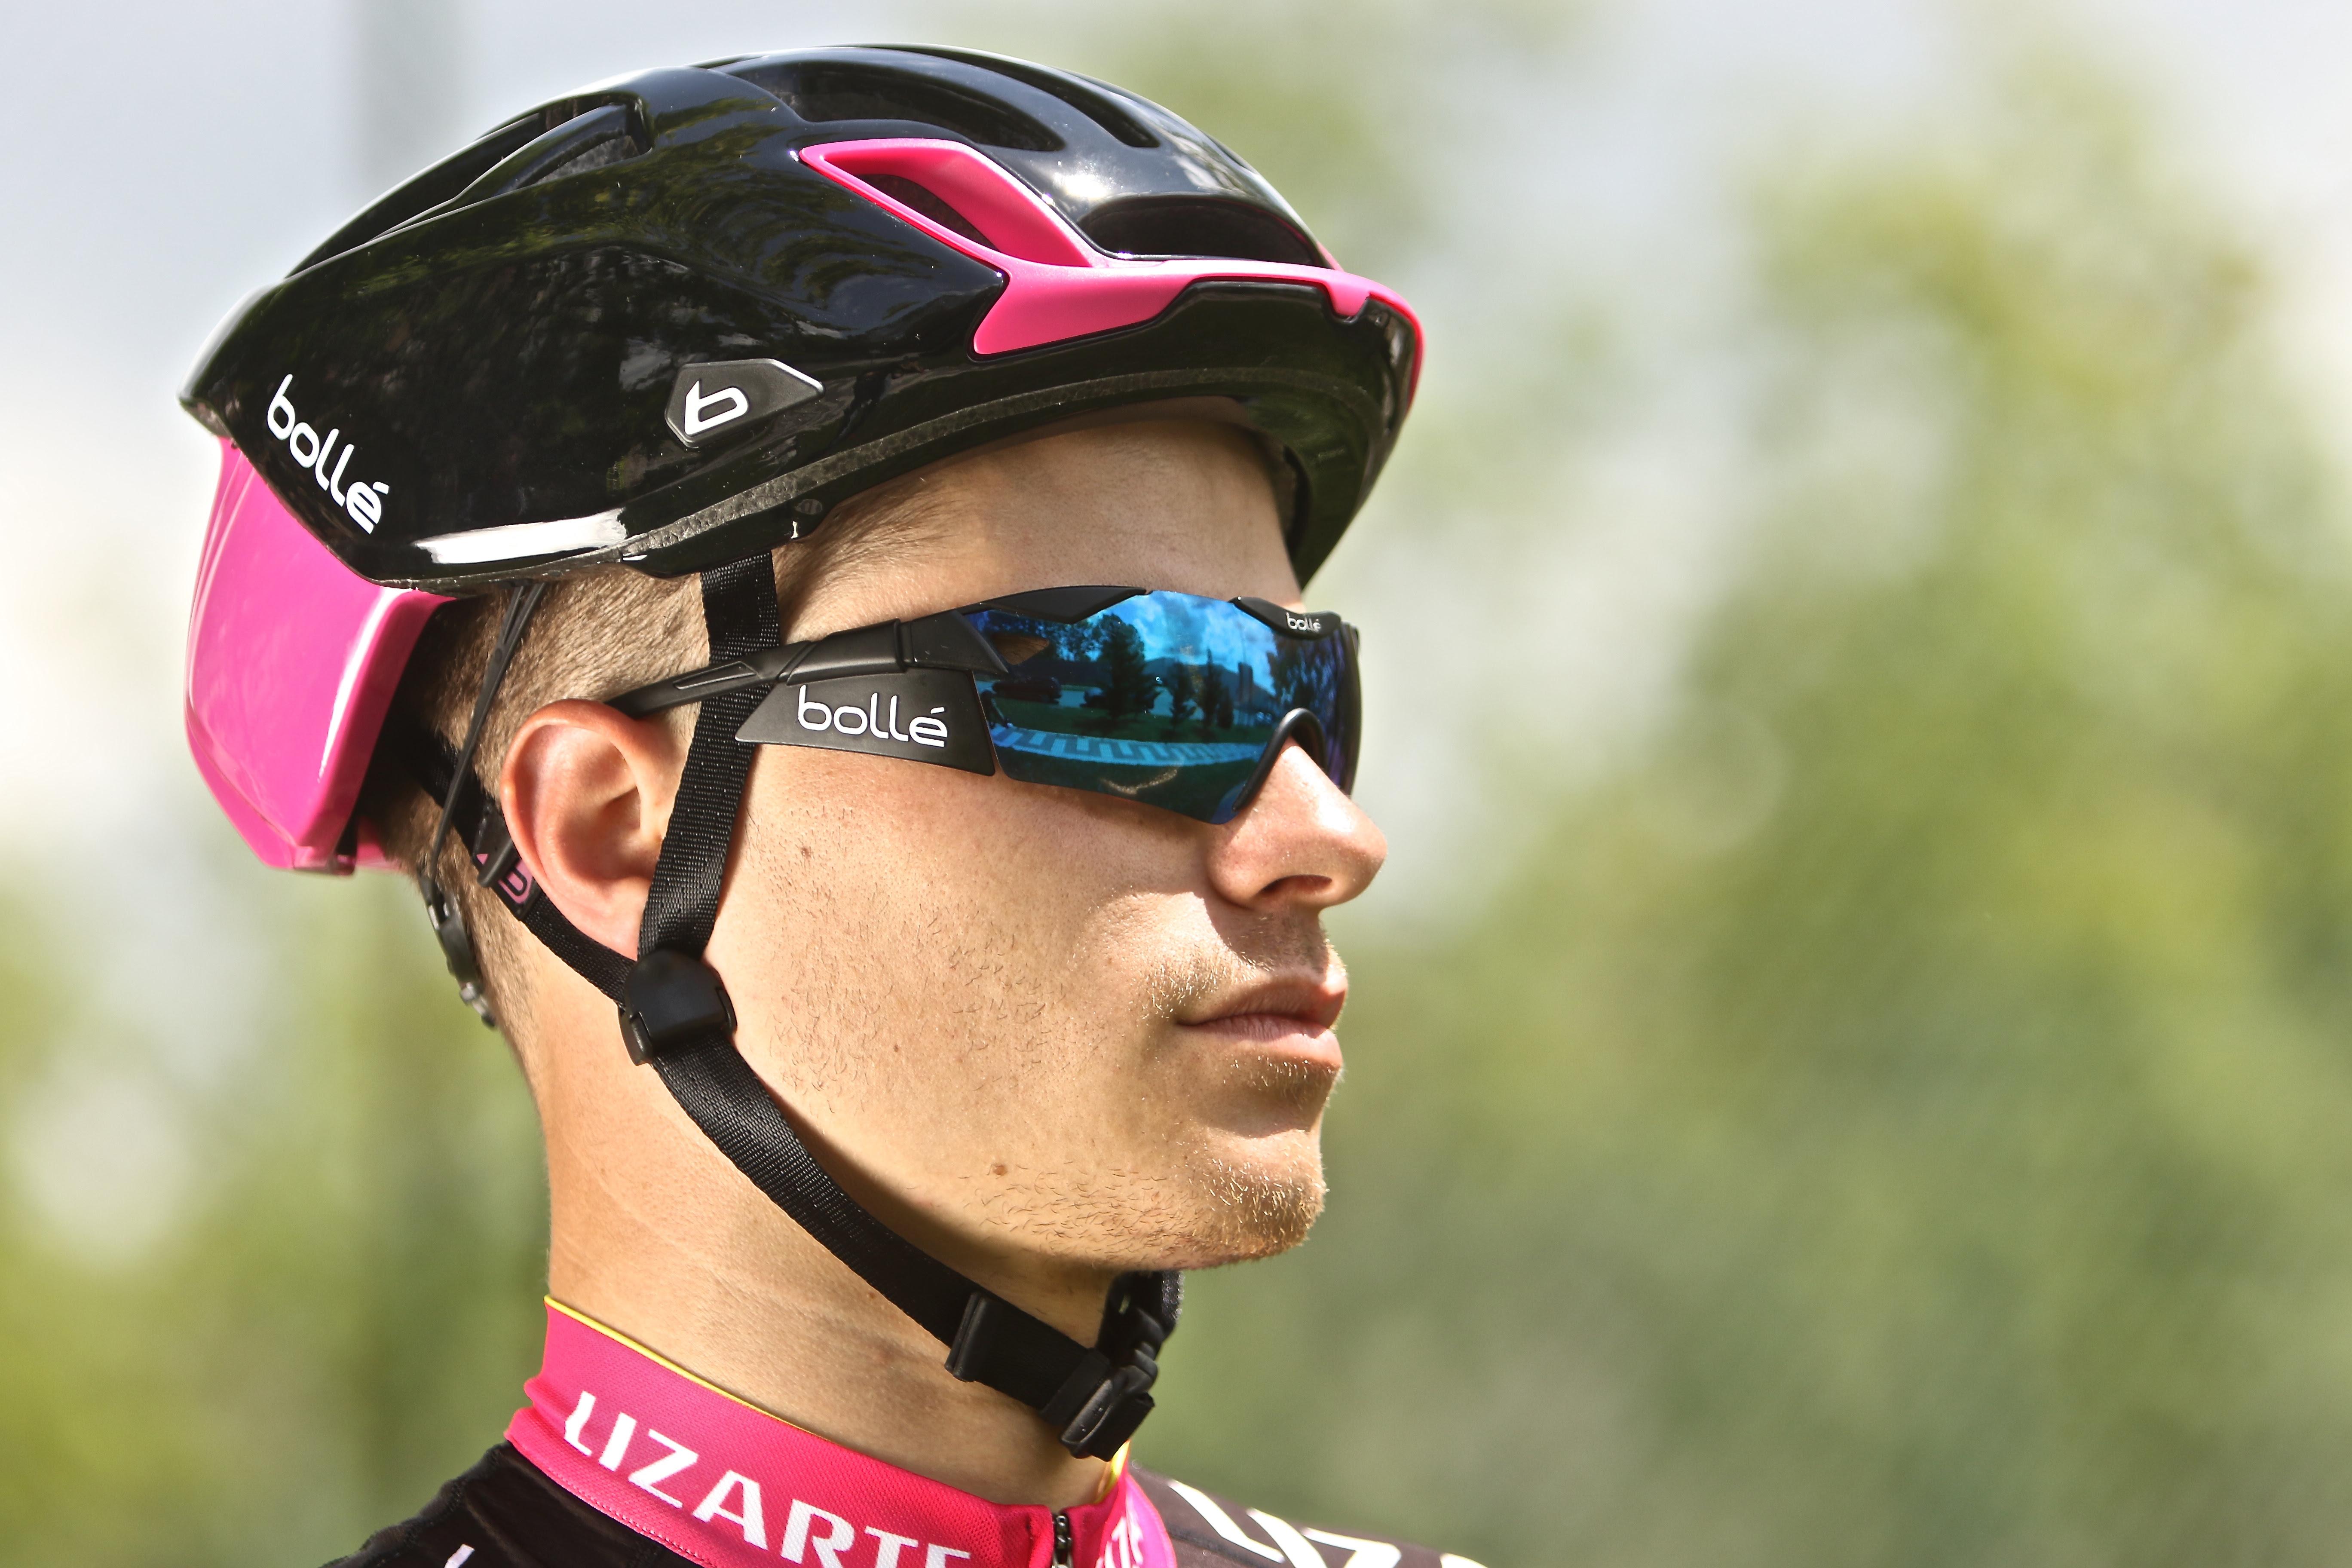 Gafas de ciclismo Bollé: La vuelta 2016